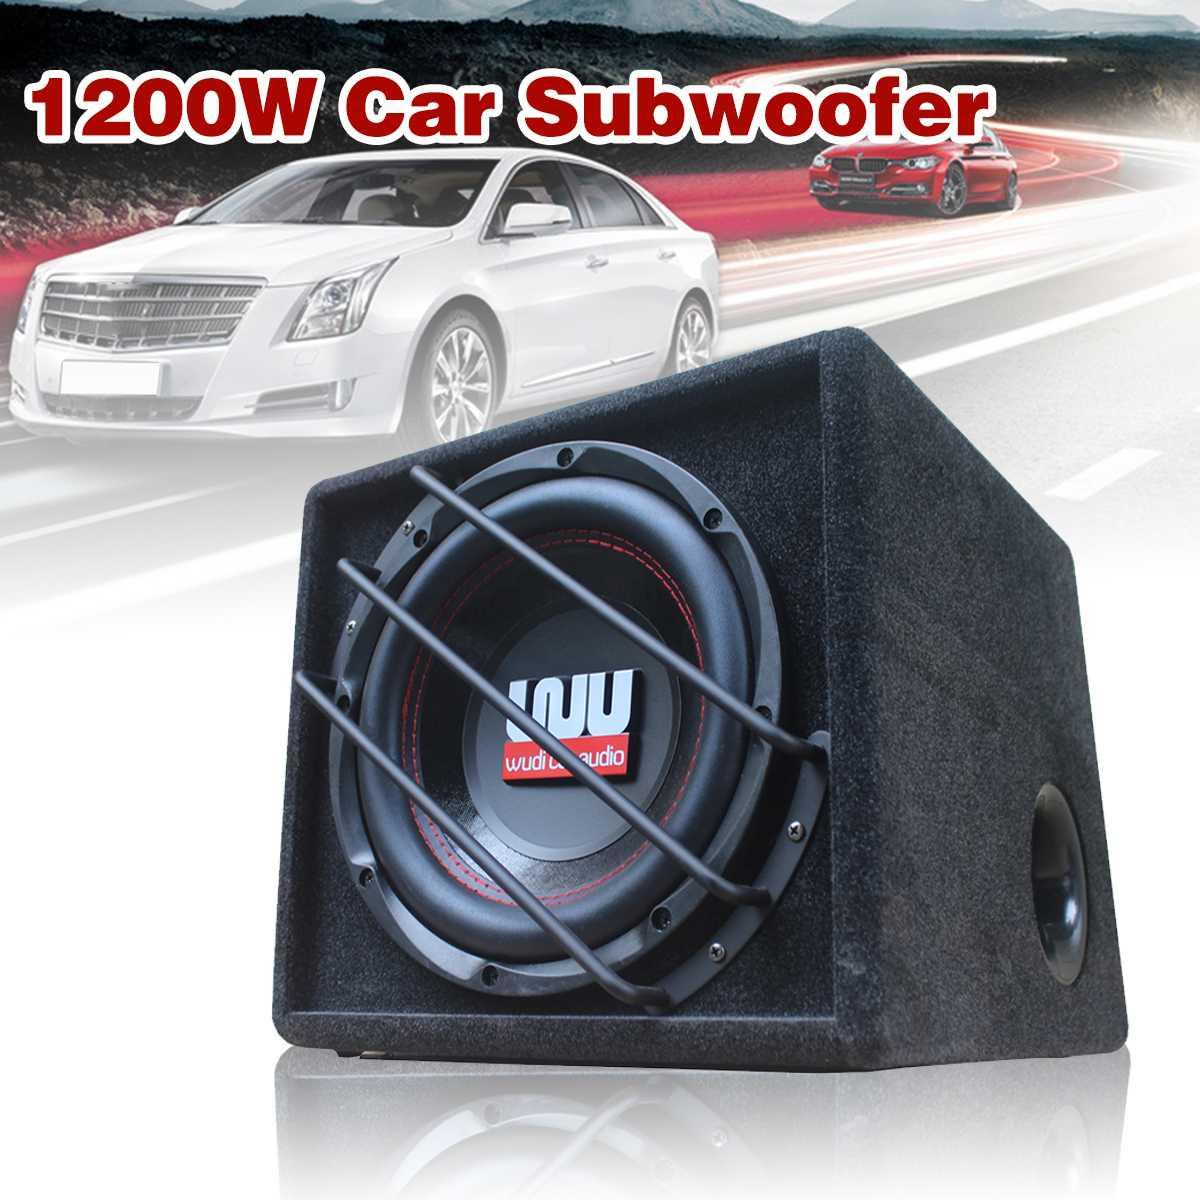 10 pouces 1200w voiture subwoofer fort Subwoofer voiture haut-parleur Auto Super basse voiture haut-parleur boomer actif amplificateur intégré